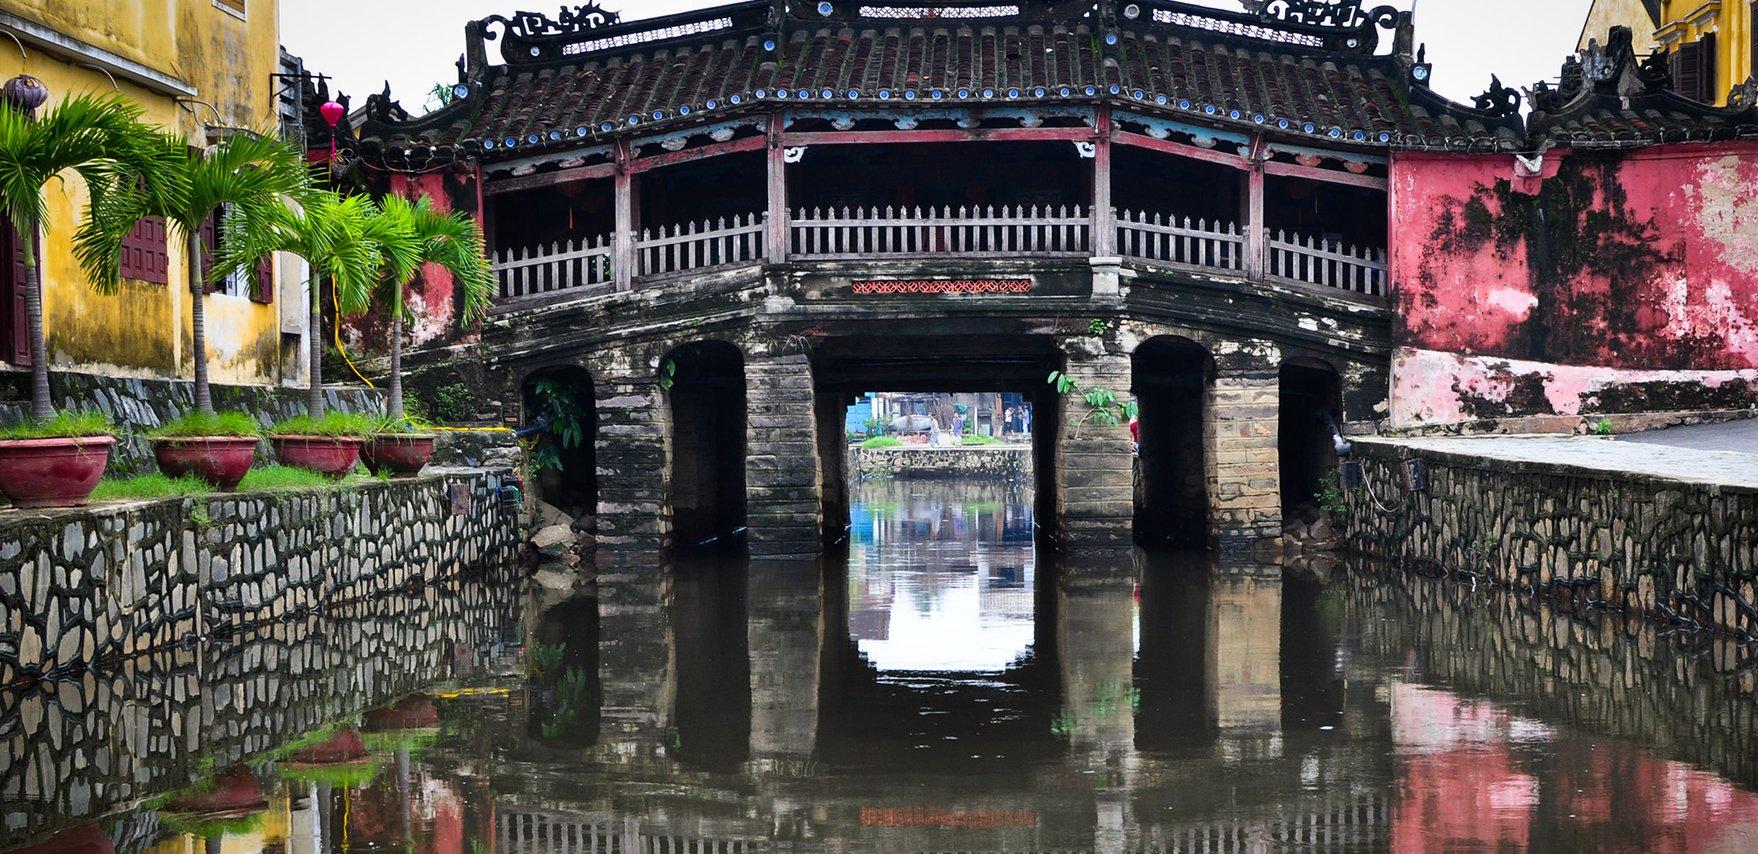 Chua Cau_source citypassguide.com